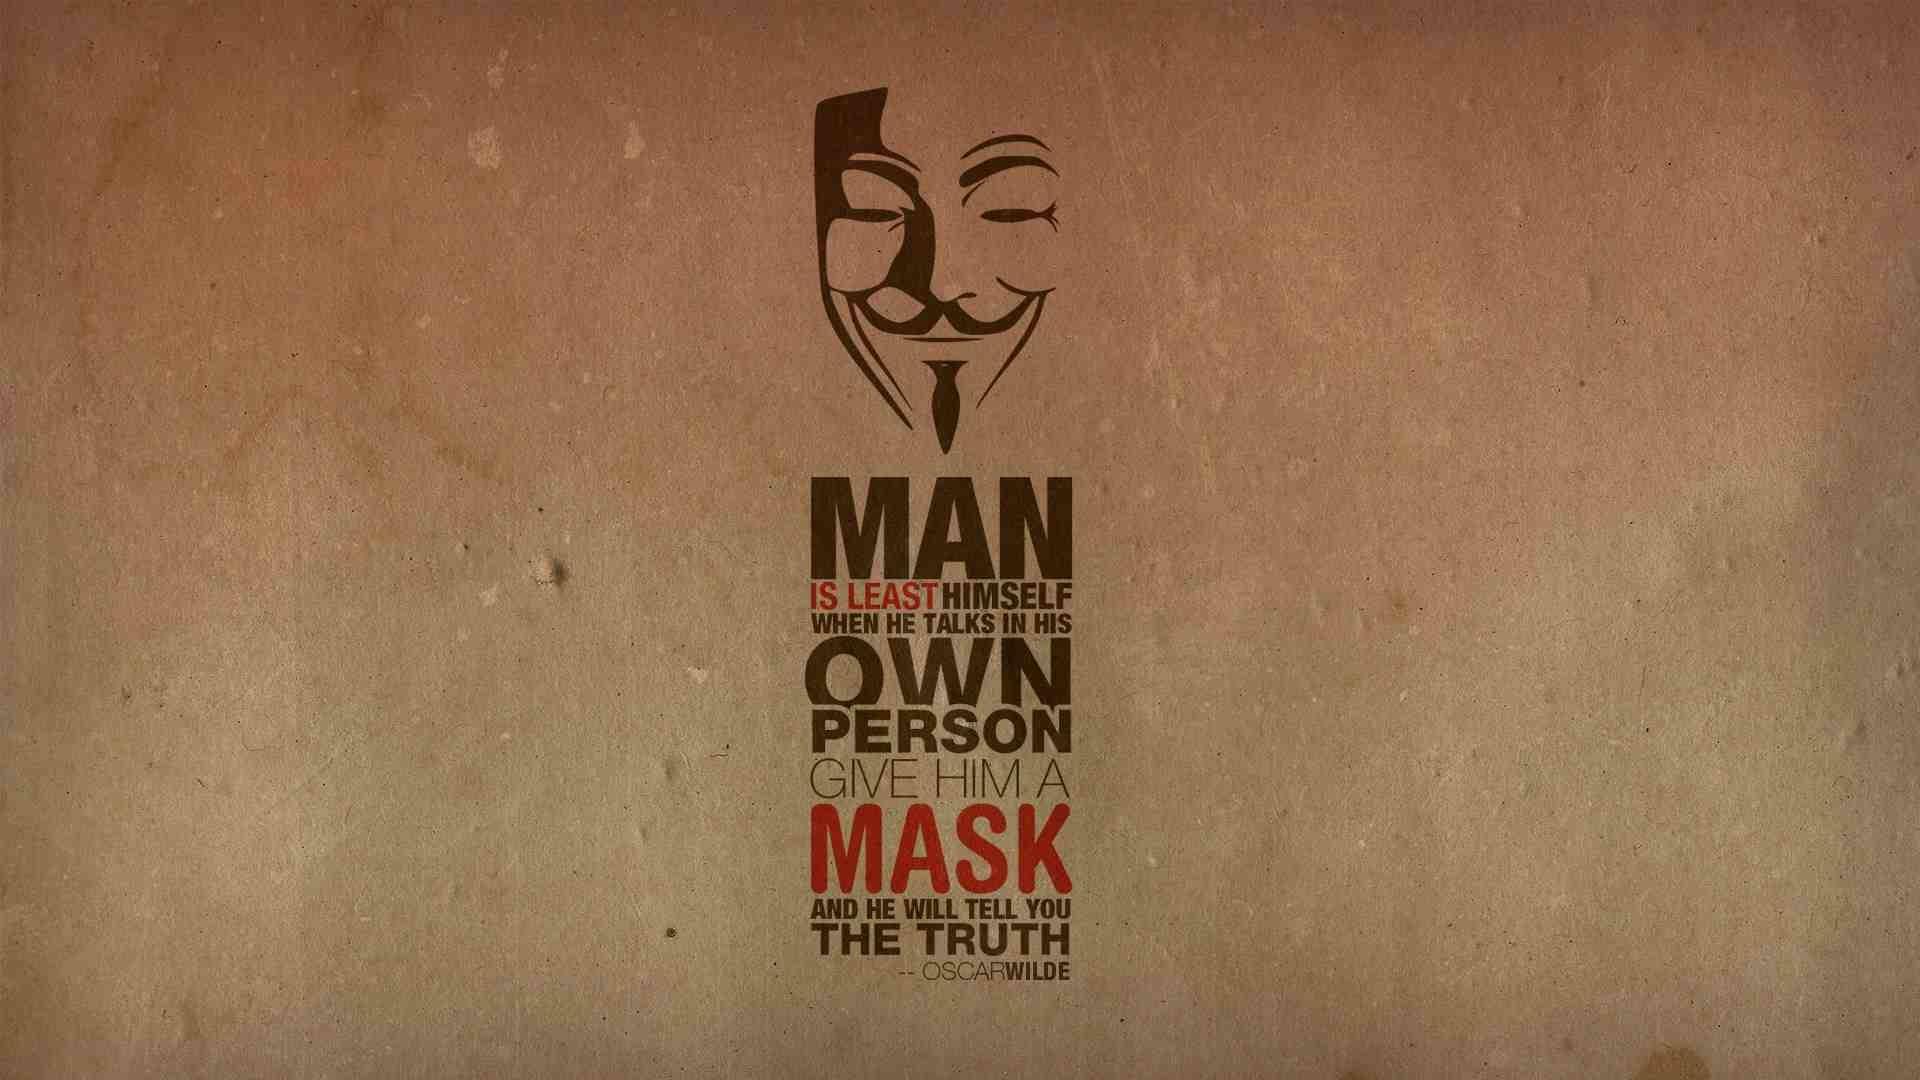 Un hombre es menos él mismo cuando habla de sí mismo. Dale una máscara y te dirá la verdad.  - Oscar Wilde -